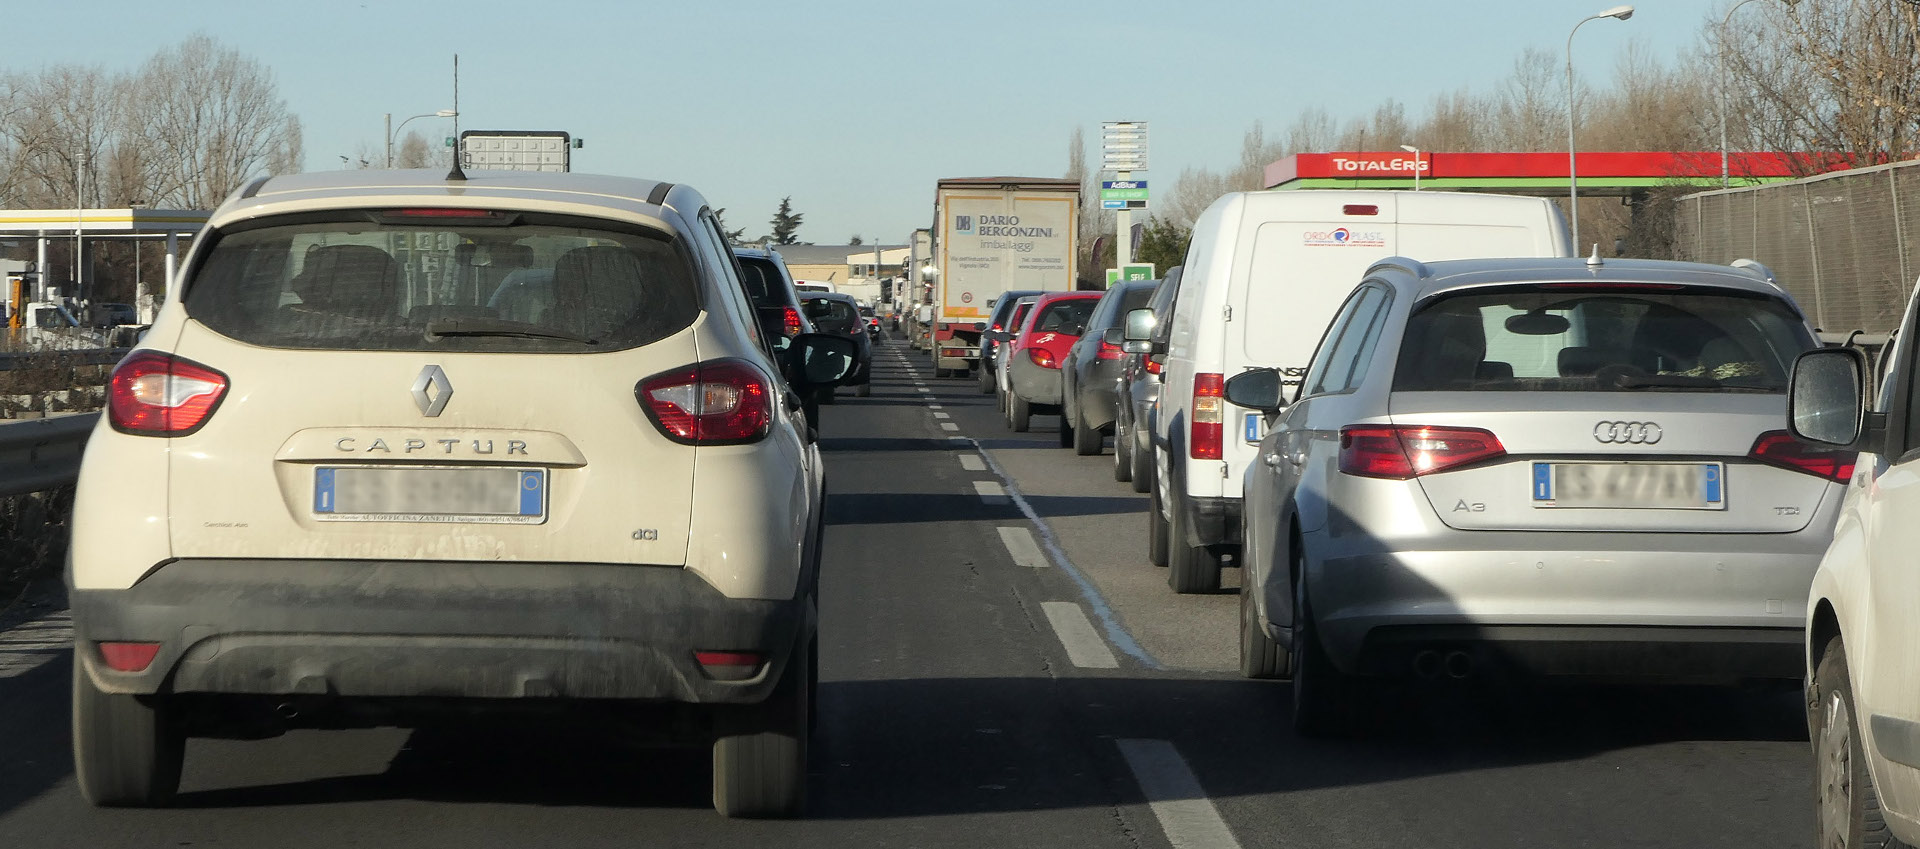 Automobili in strada